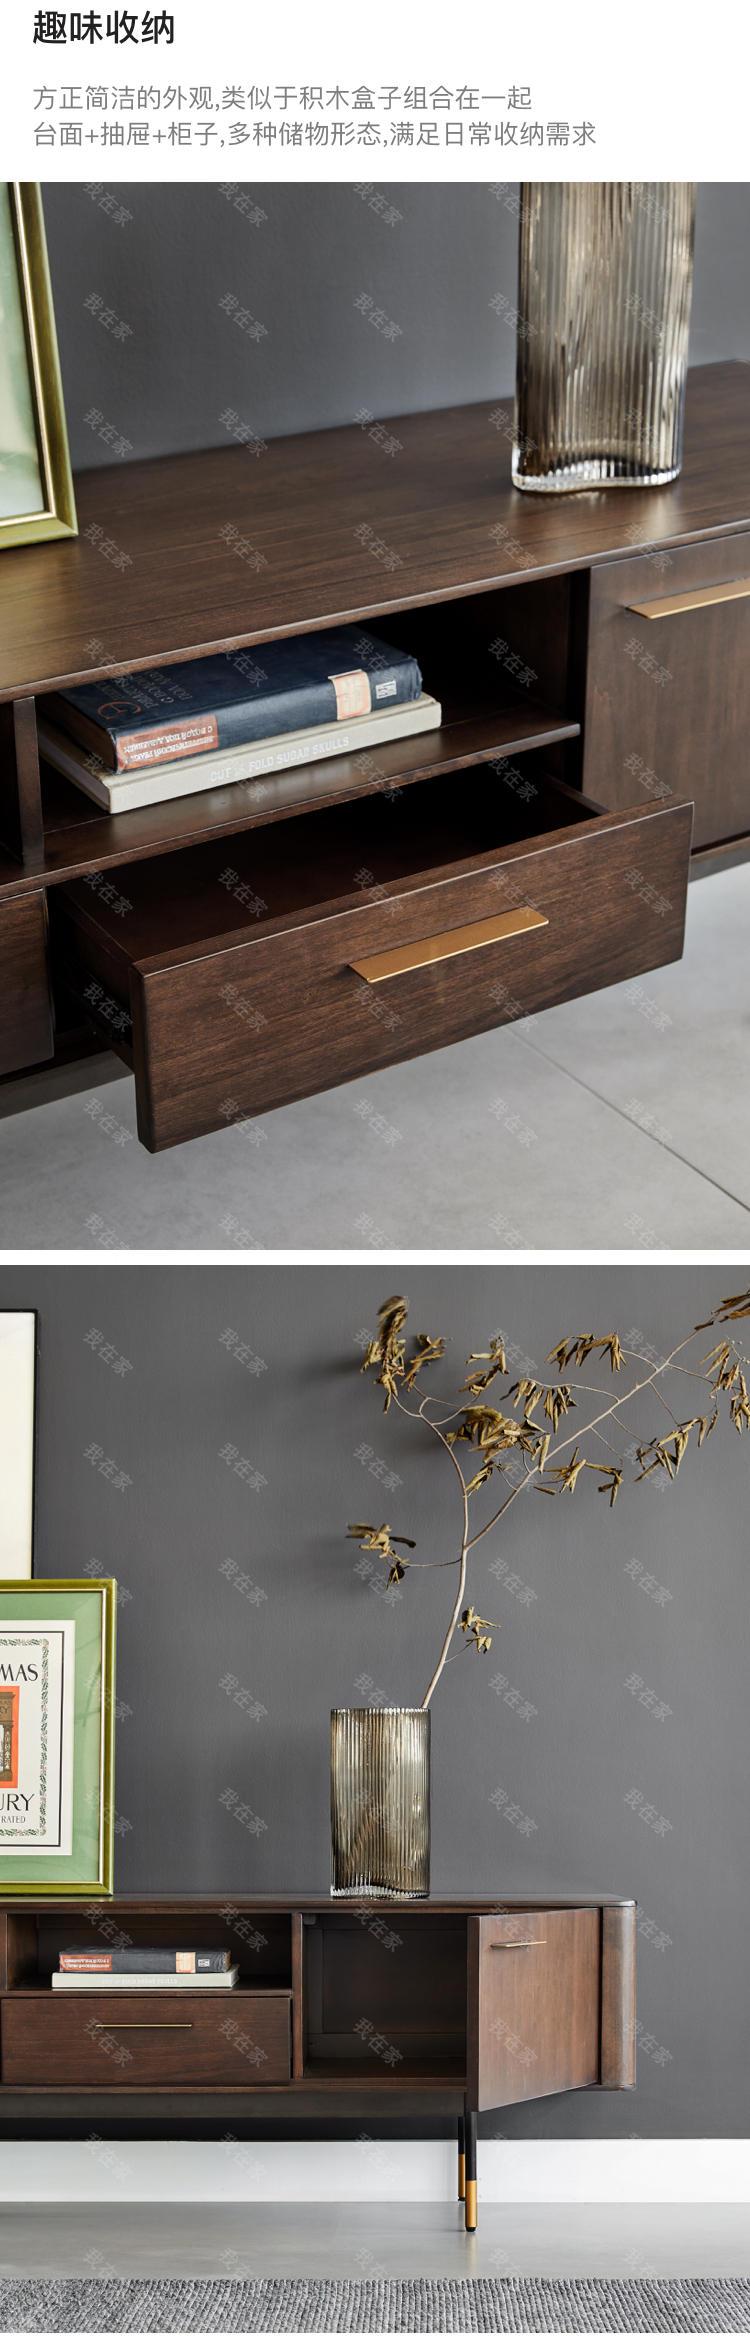 中古风风格斯维登电视柜的家具详细介绍